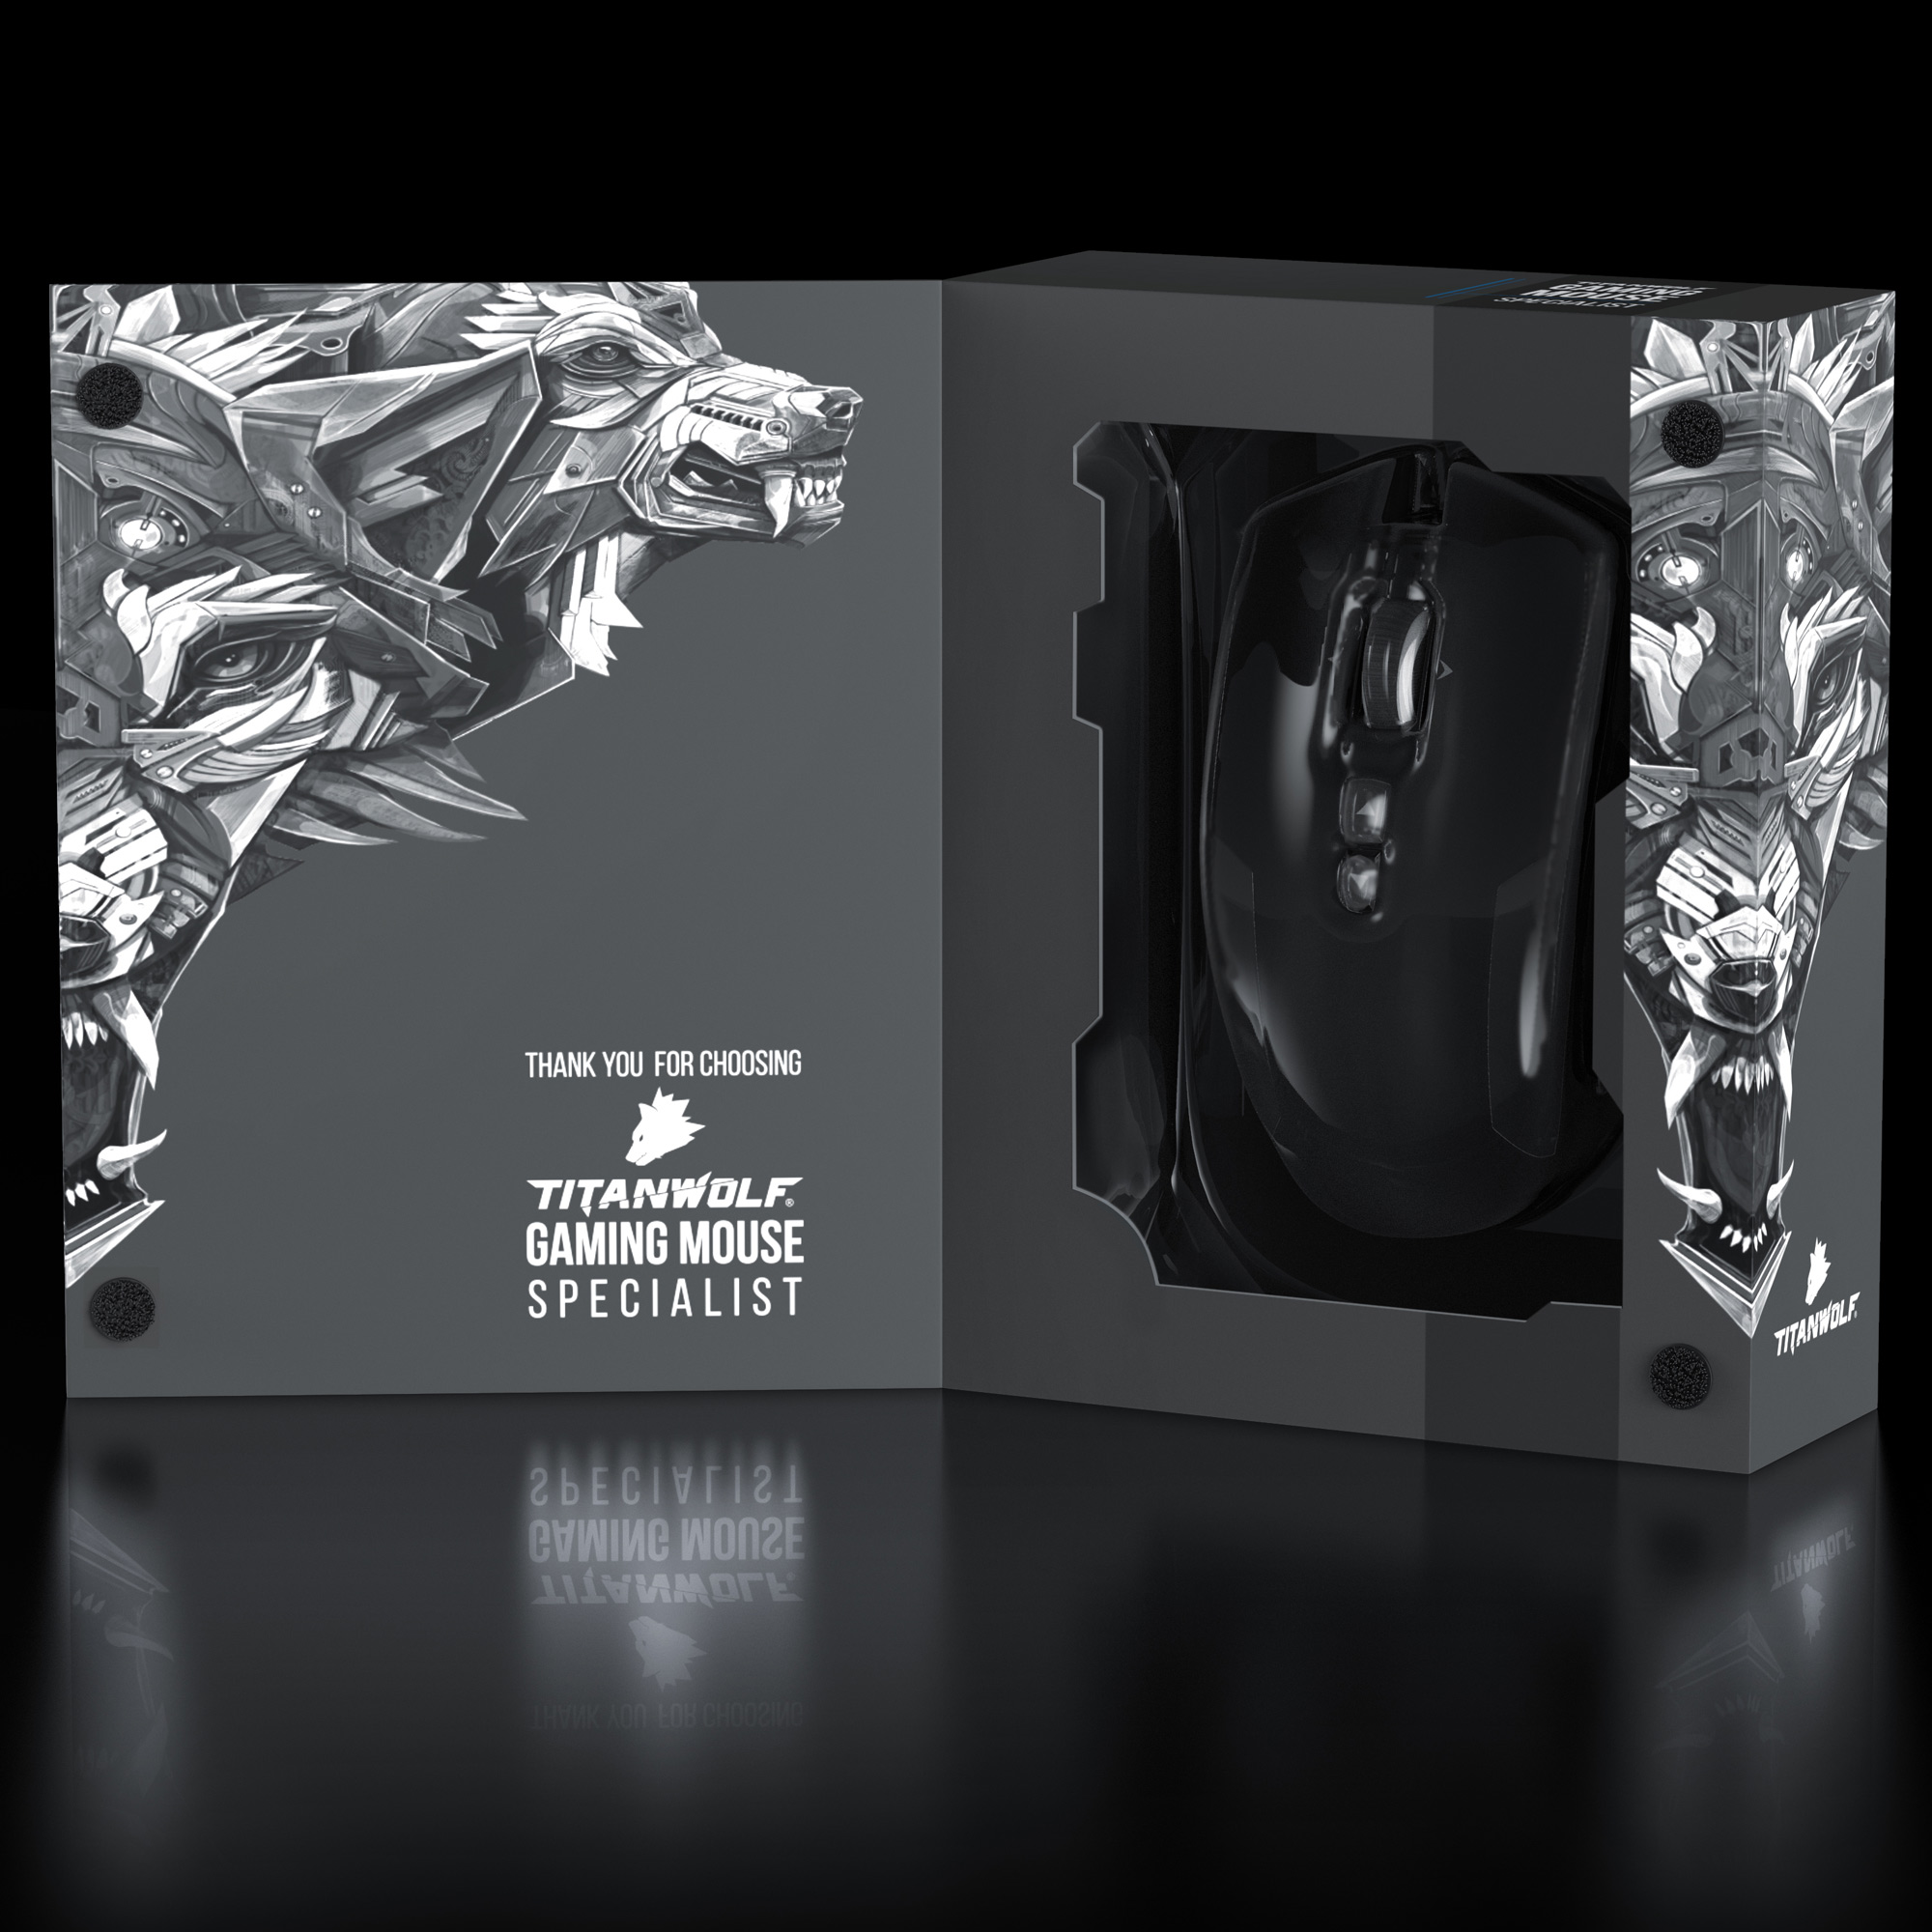 302645-Gaming-Maus-Specialist-Packshot-offen-Black.jpg